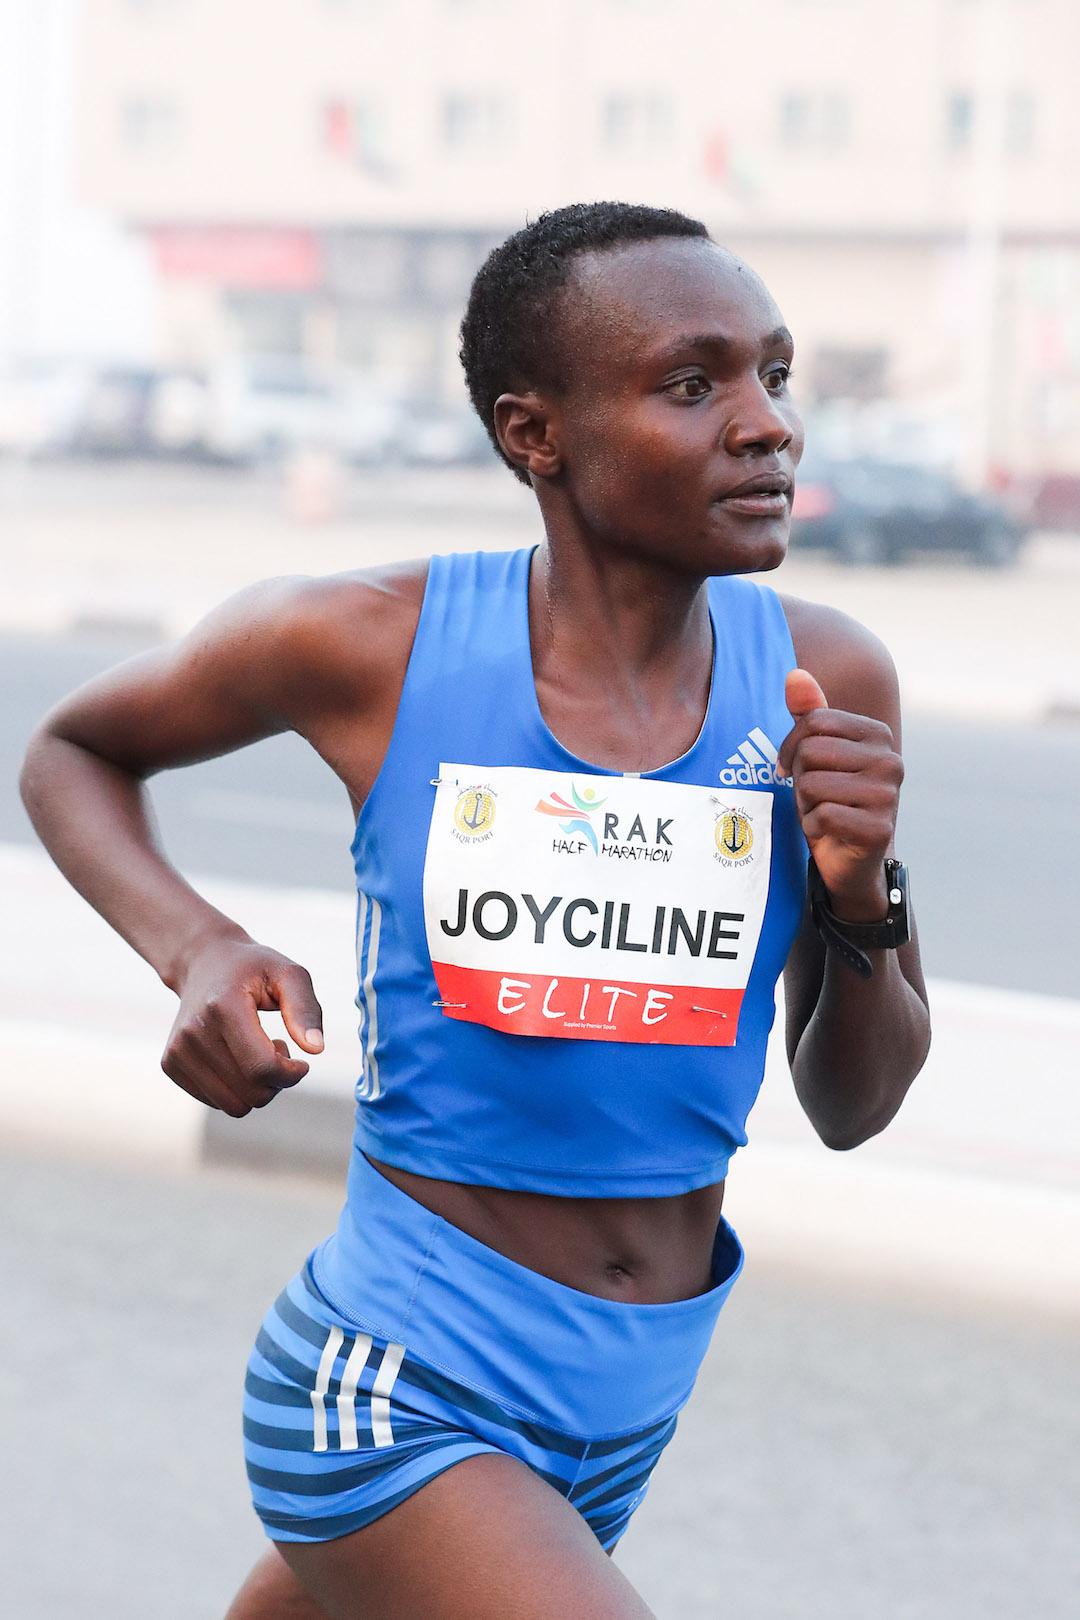 World record holder Joyciline Jepkosgei runs marathon debut in Hamburg